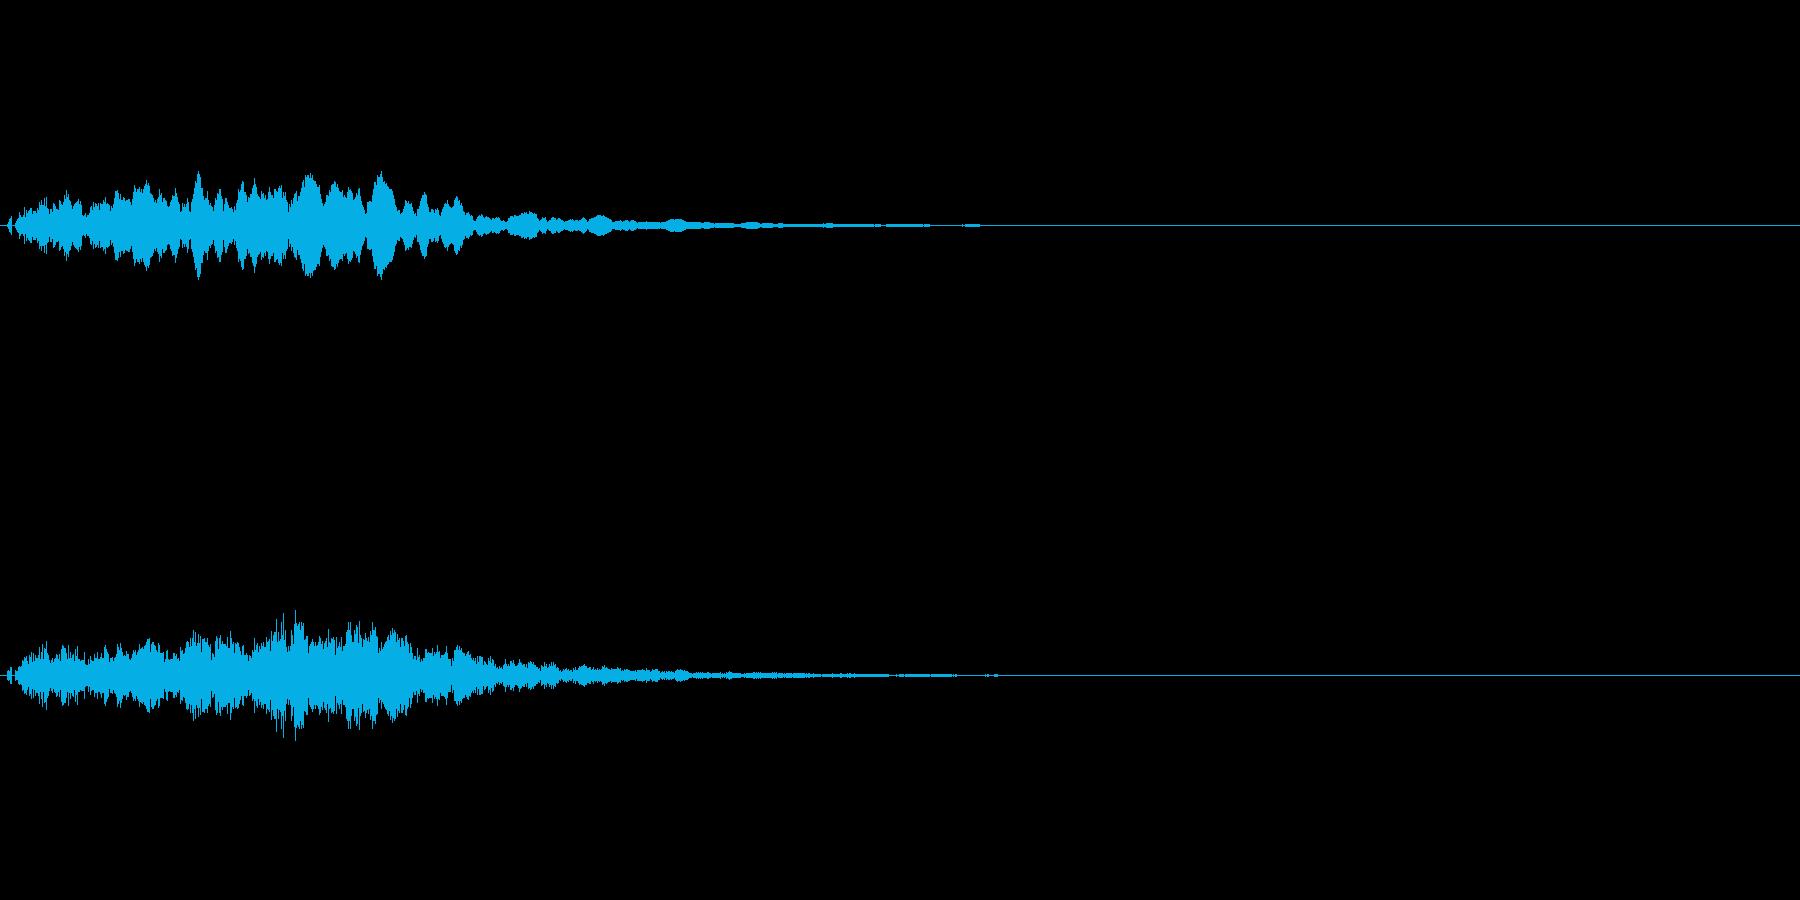 決定音。広がる感じの音。「ファー」の再生済みの波形